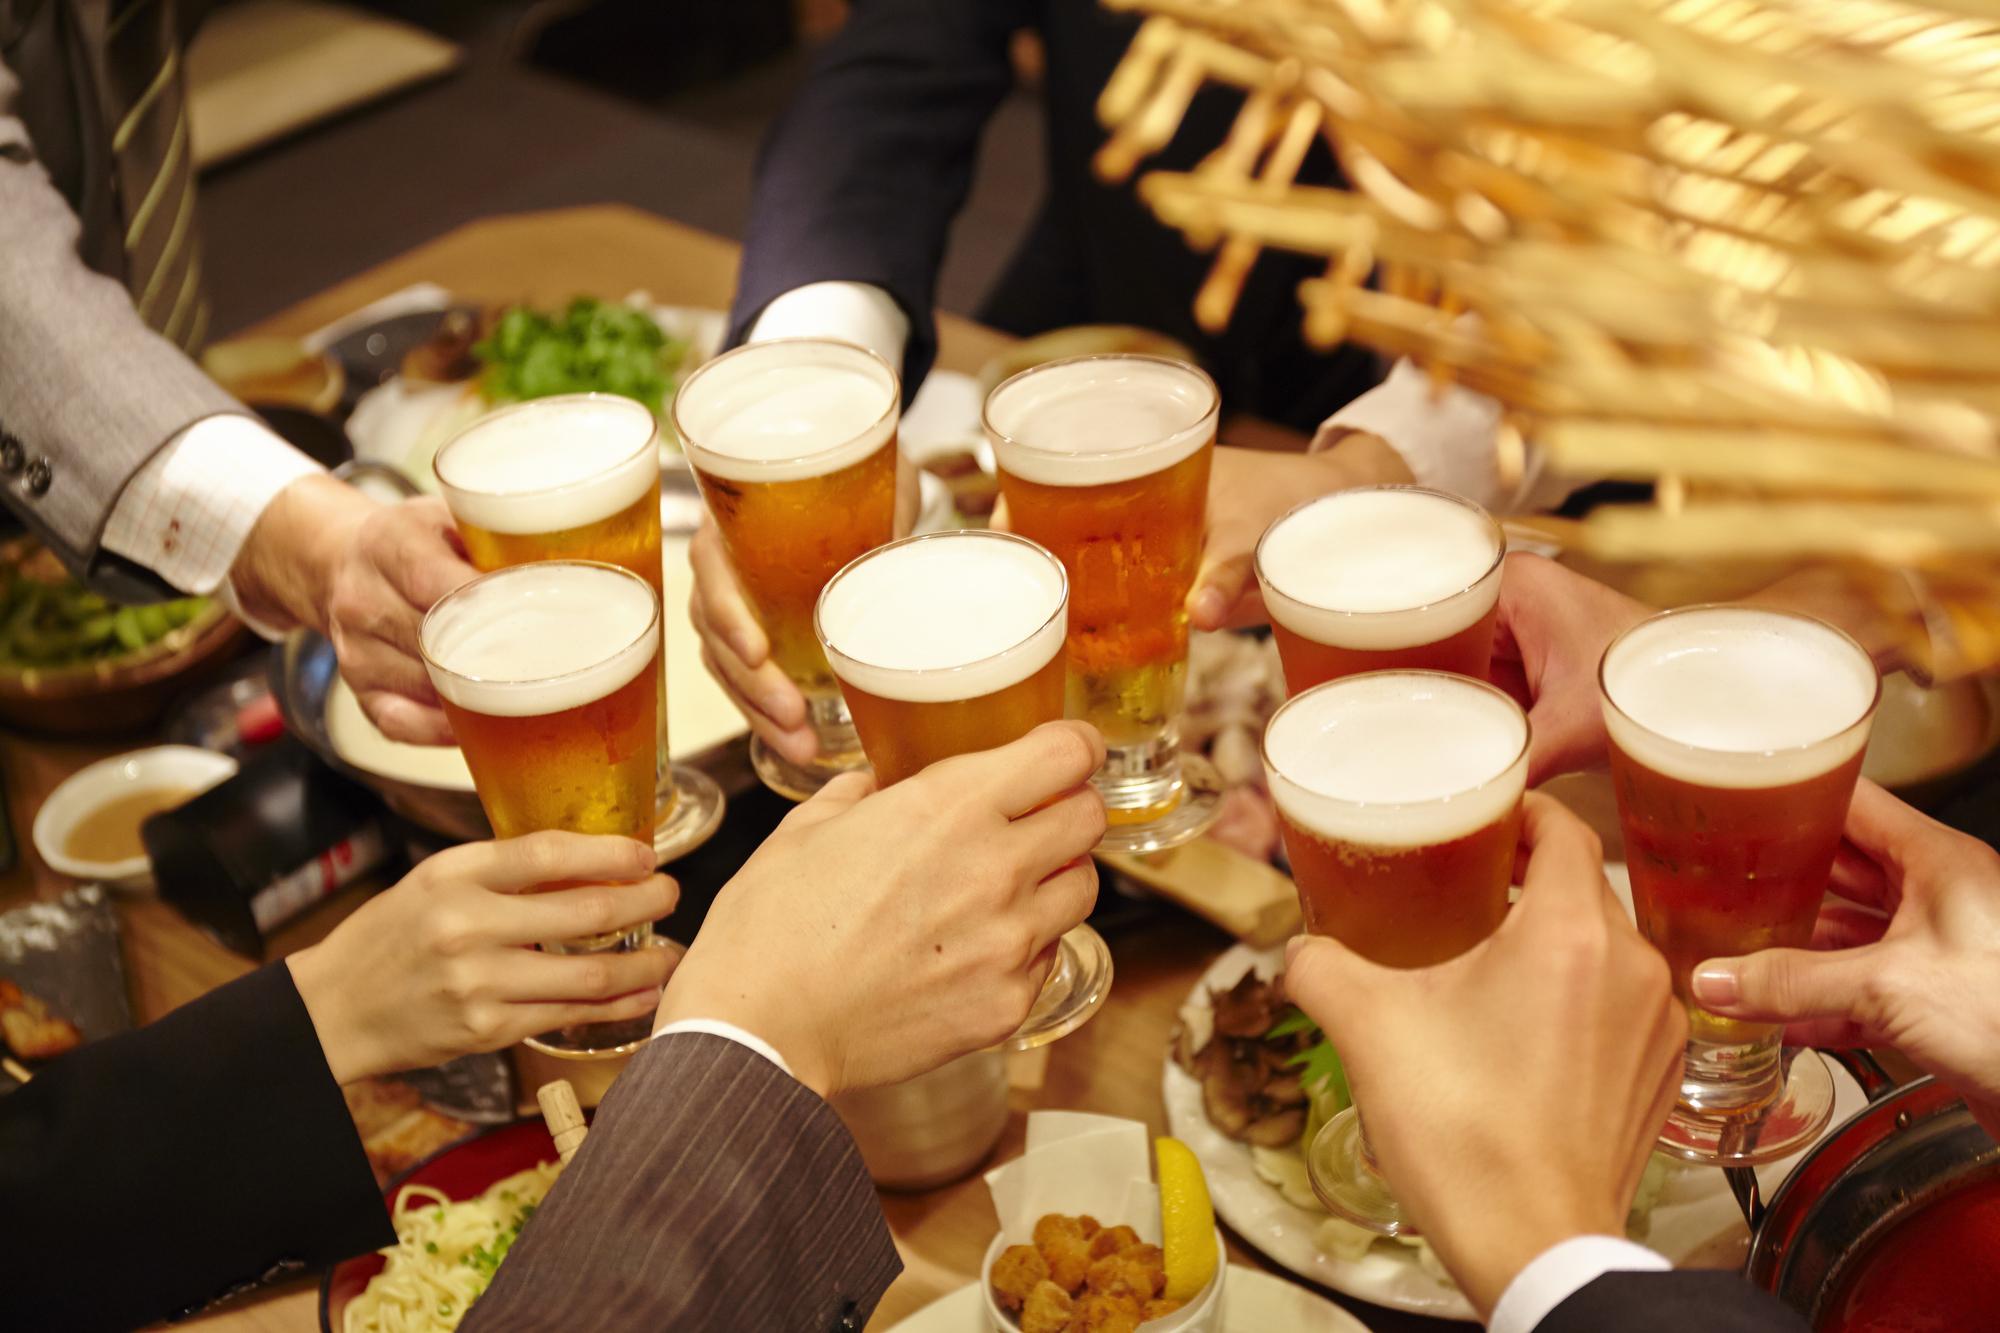 外飲み派?家飲み派?コロナで変わった飲み会への意識|TIME SHARING|タイムシェアリング |スペースマネジメント|あどばる|adval|SHARING